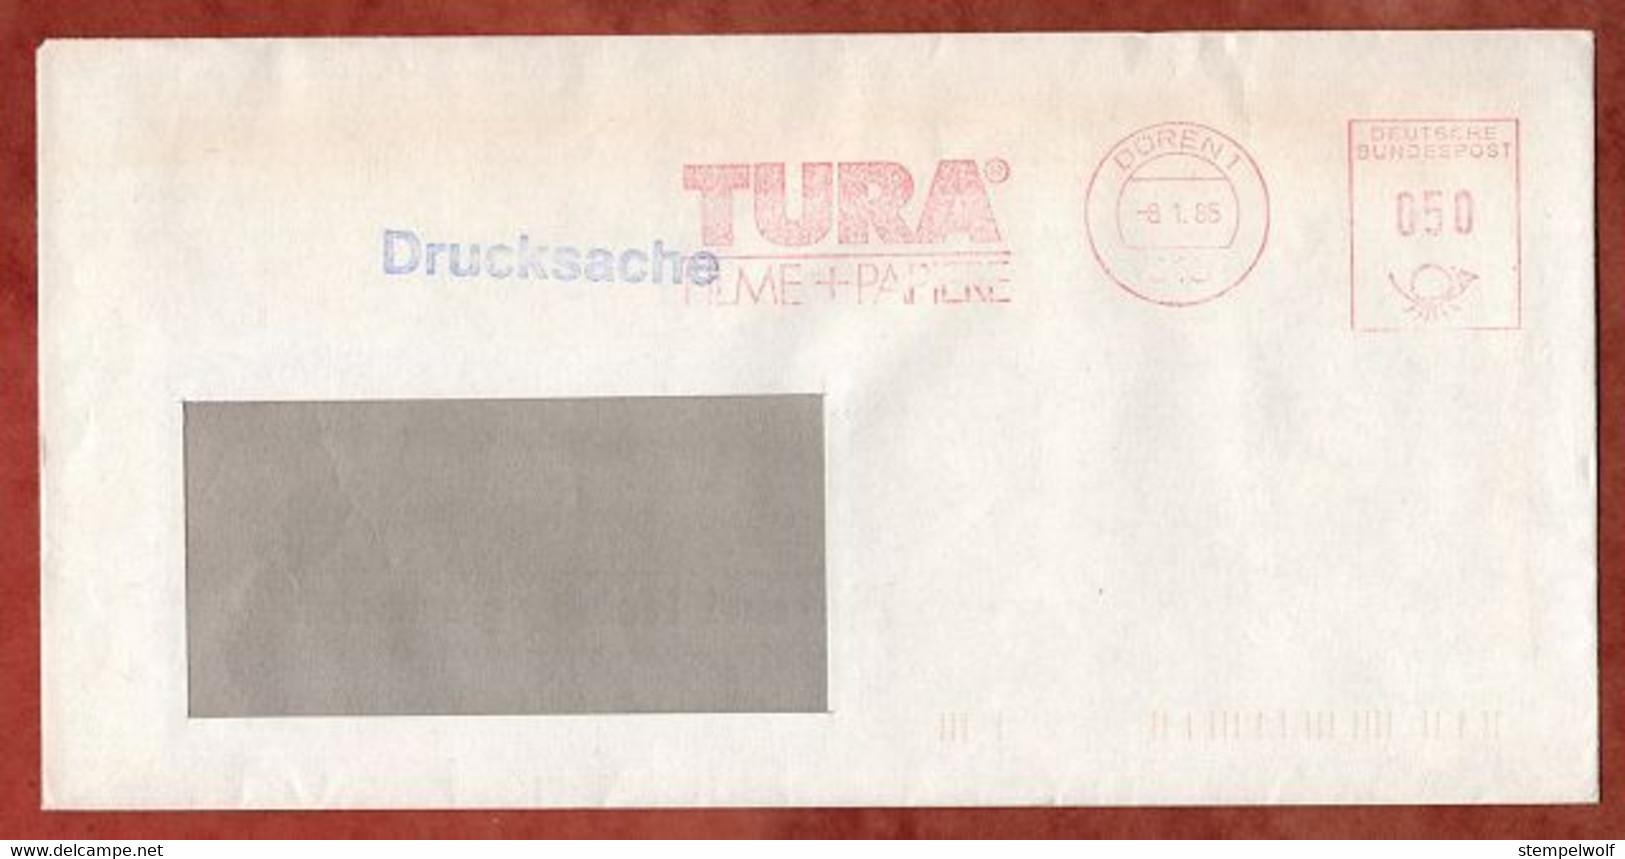 Drucksache, Absenderfreistempel, Tura Filme + Papiere, 50 Pfg, Dueren 1985 (99644) - Machine Stamps (ATM)